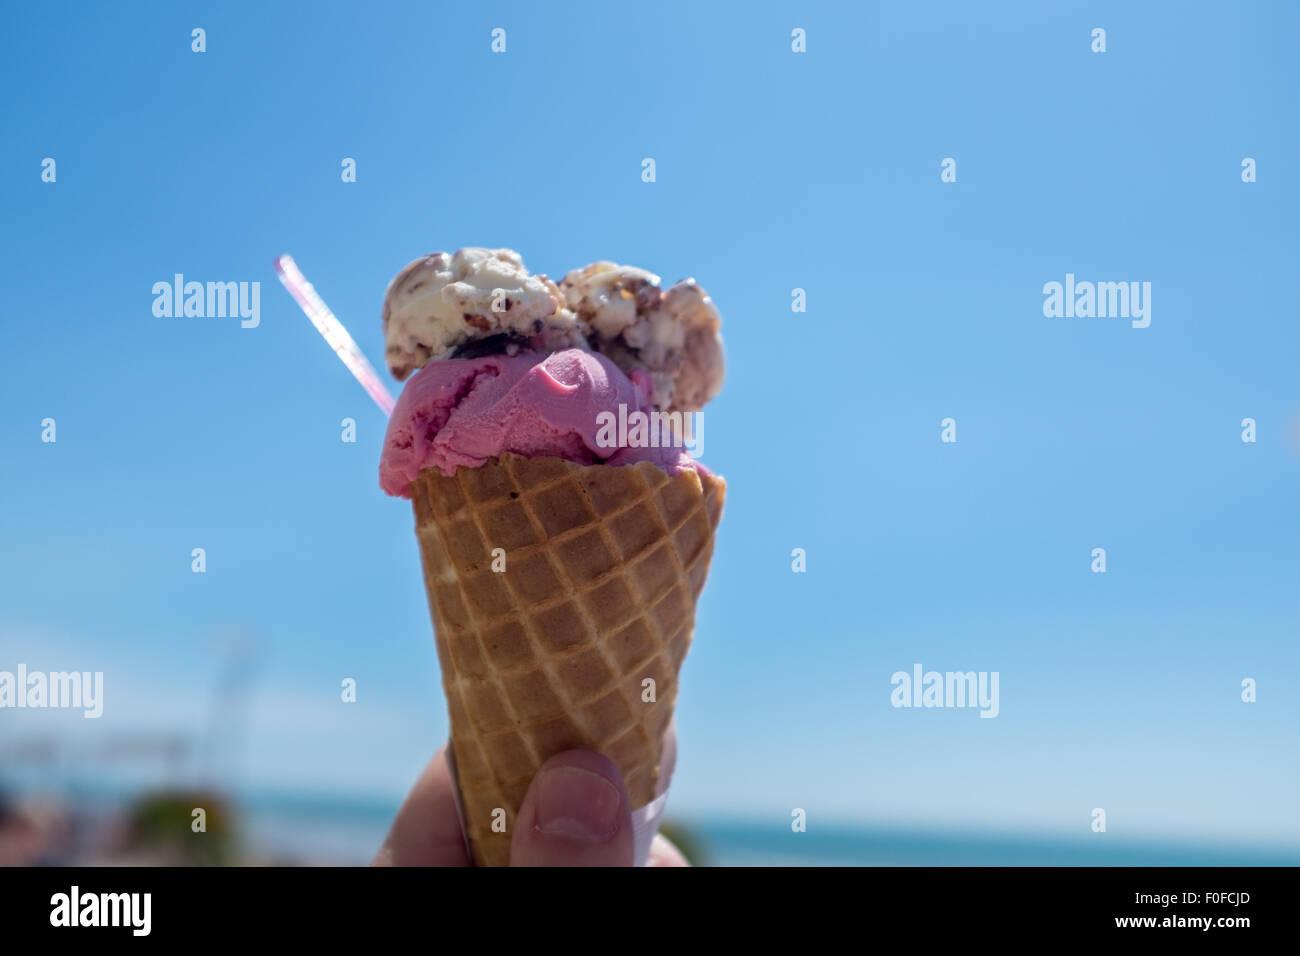 Cornet de crème glacée contre un ciel d'été bleu clair lumineux Photo Stock